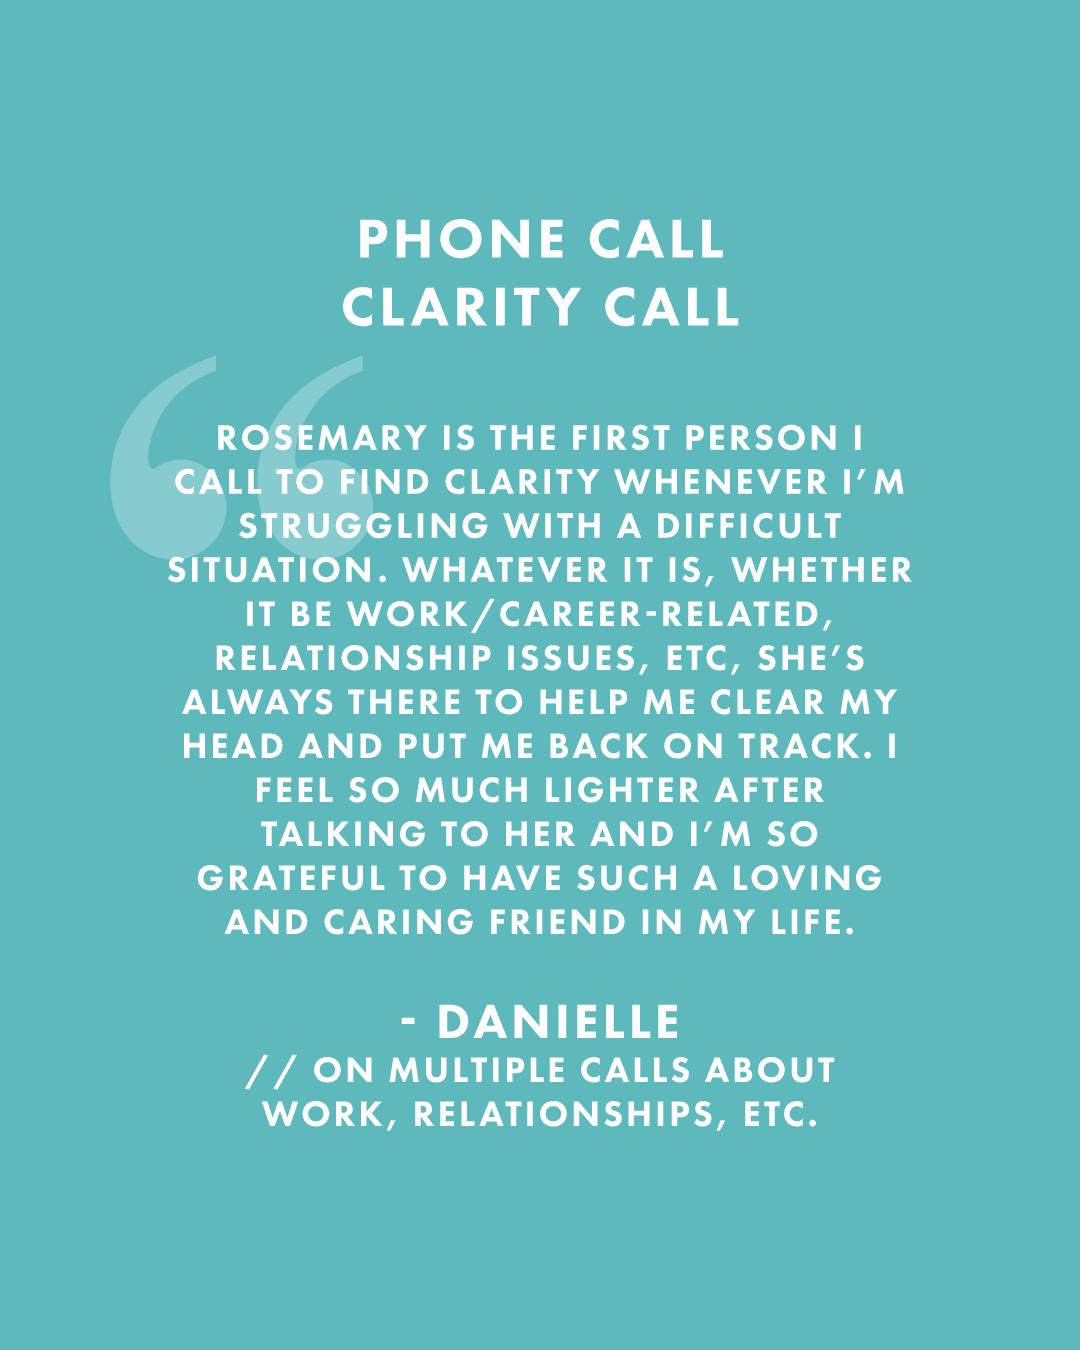 danielle - testimonial 4-5.png